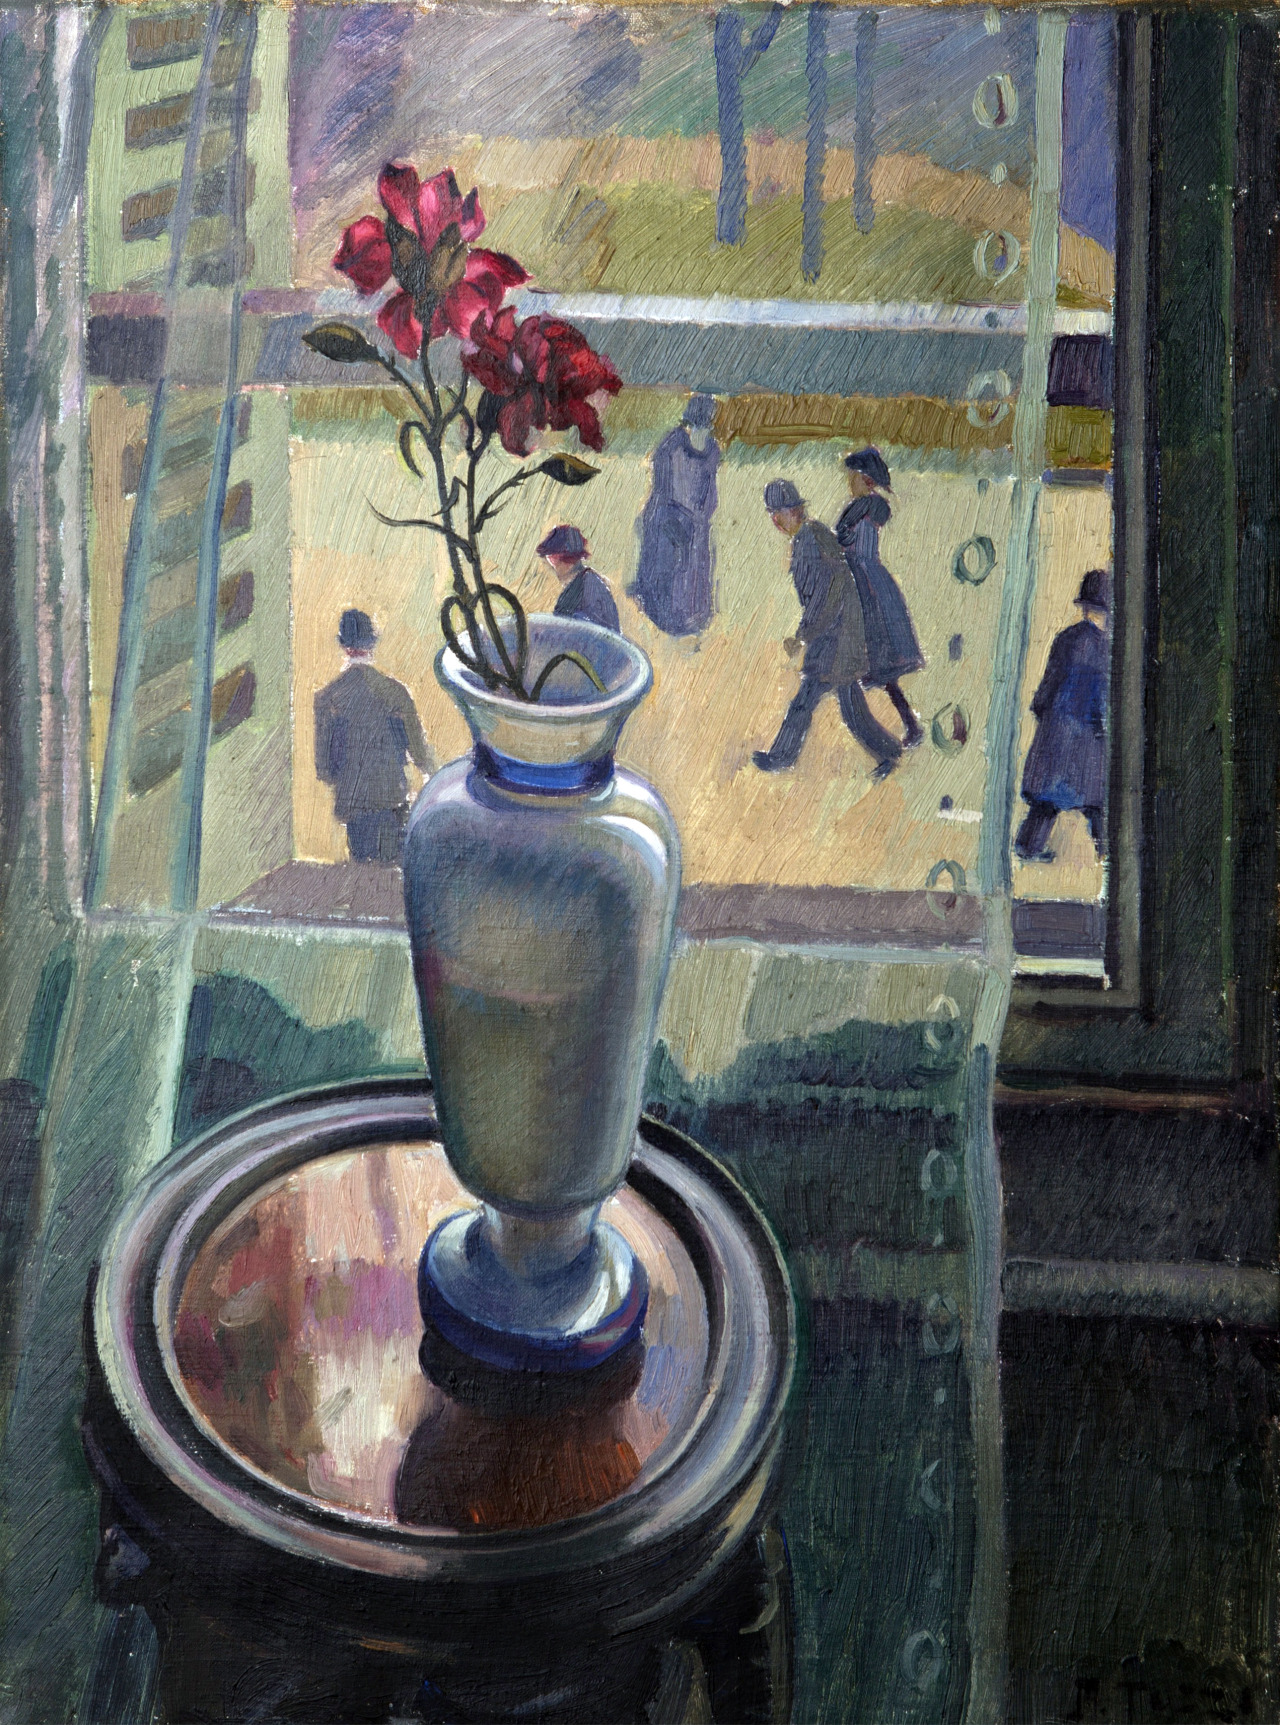 Window of Saint Germain des Près